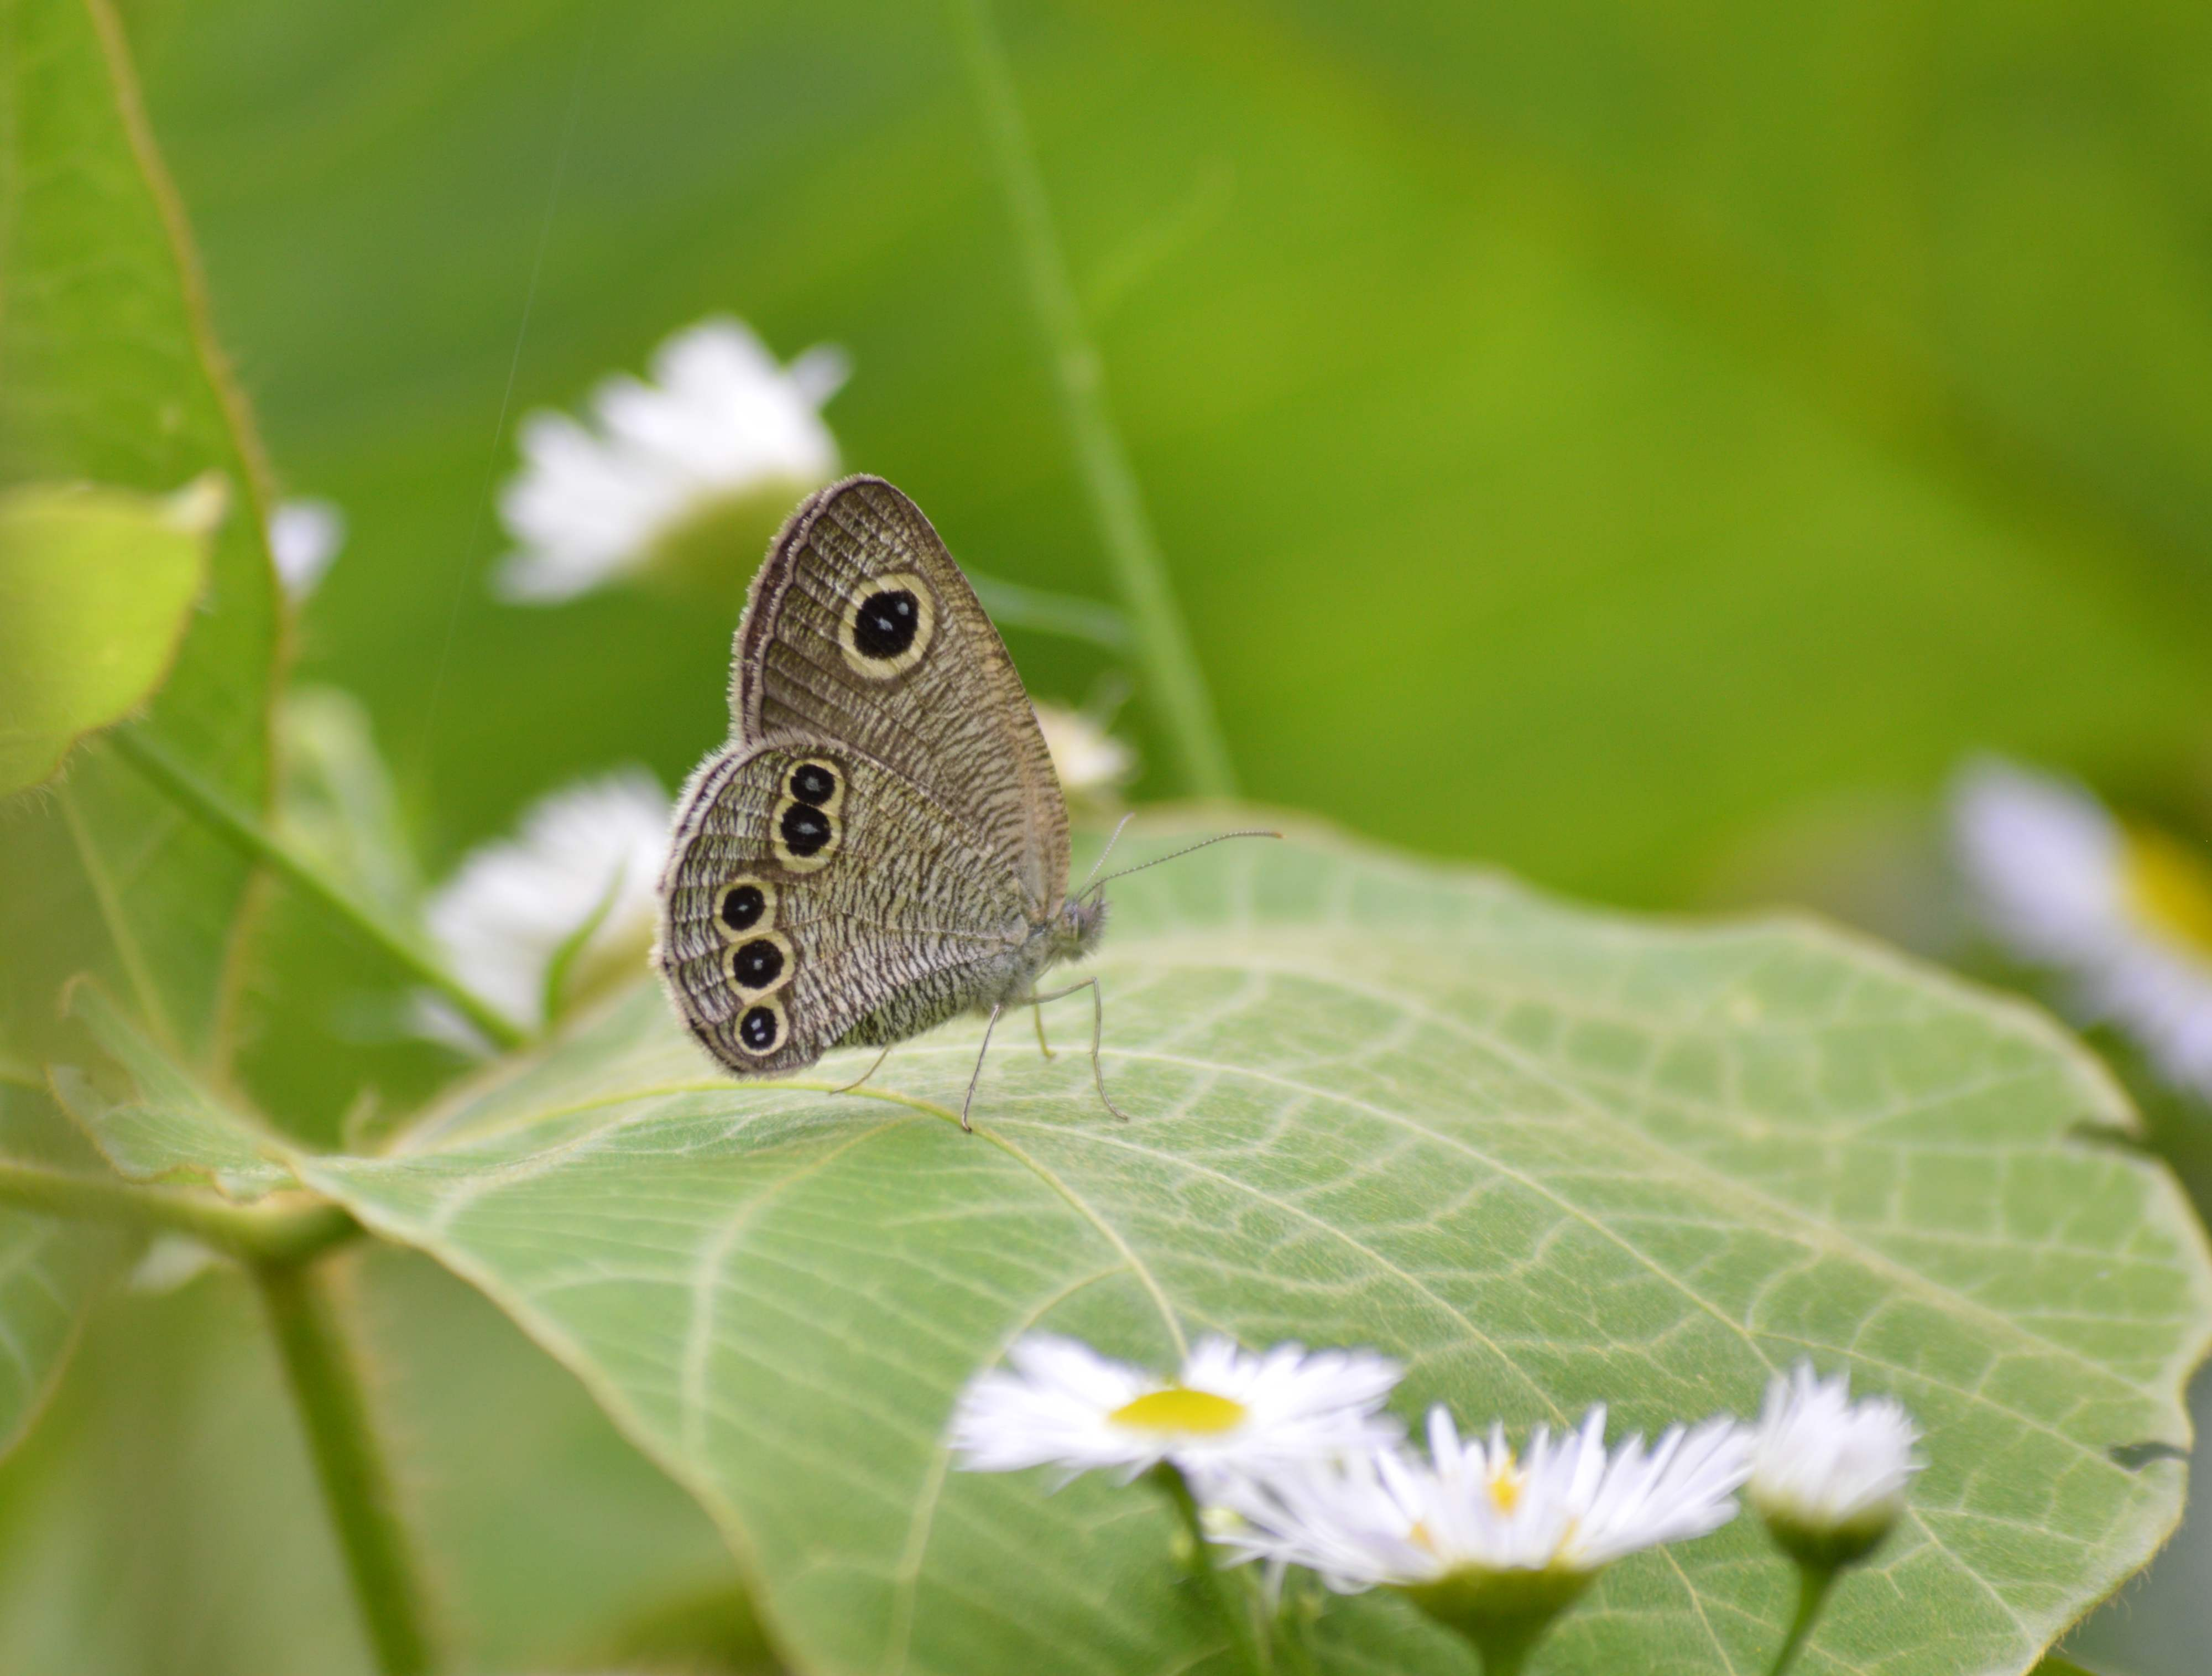 キマダラセセリ 土曜日のその他の蝶達_d0254540_19532857.jpg